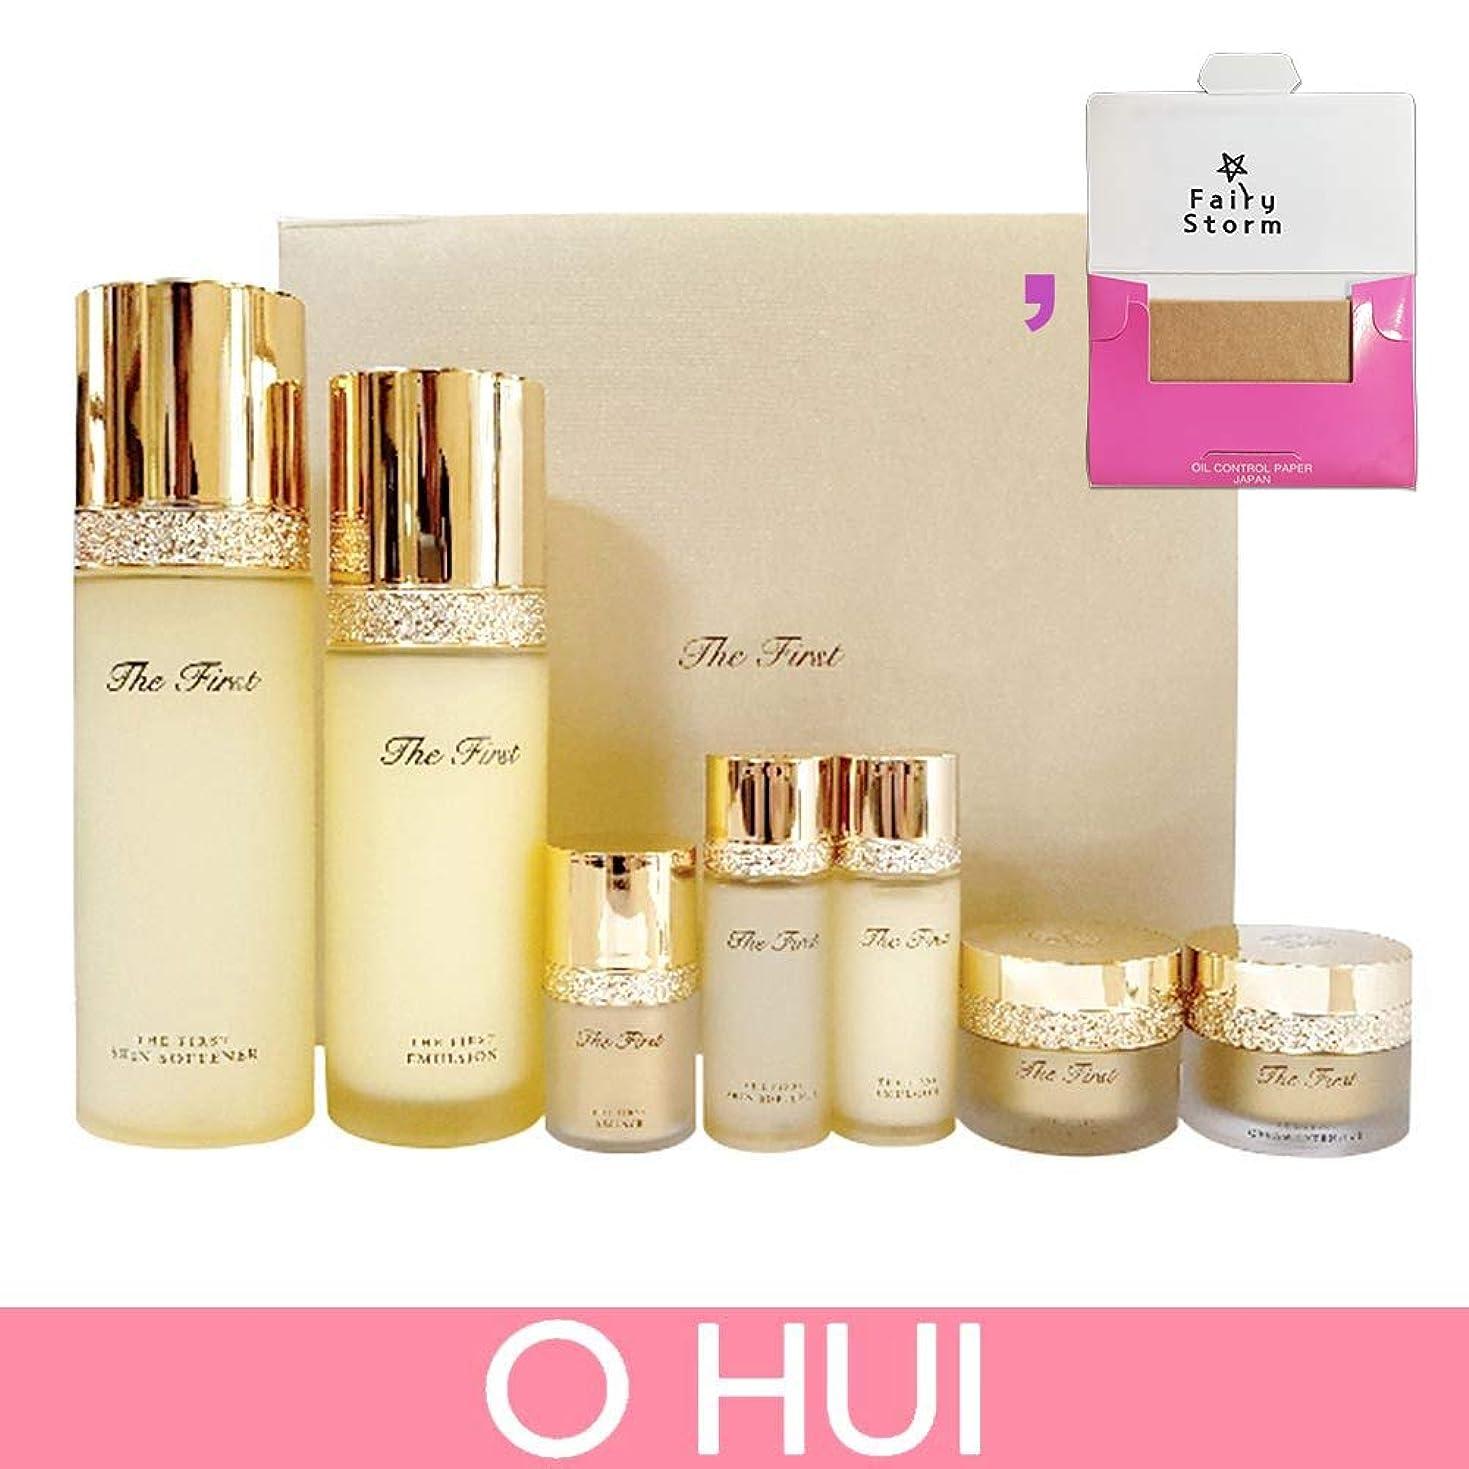 たとえ例平和な[オフィス/O HUI]New~! OHUI The First SPECIAL 2種企画 SET/ザファースト2種のスキンケア特別企画セット + [Sample Gift](海外直送品)